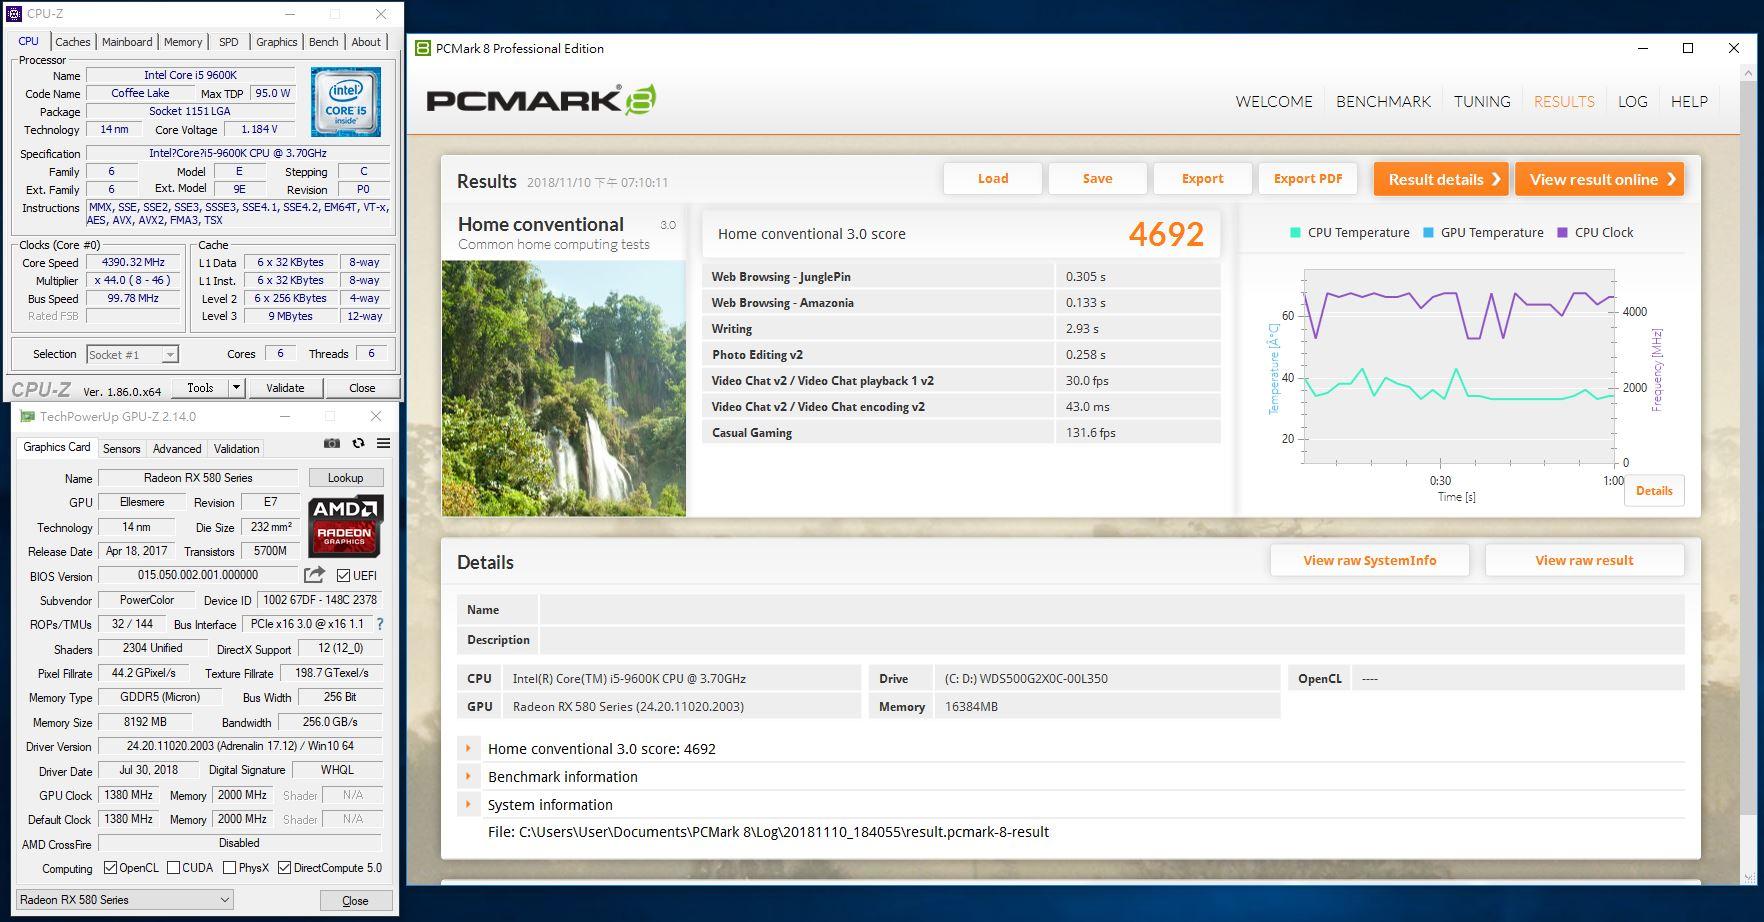 PCMark8.JPG